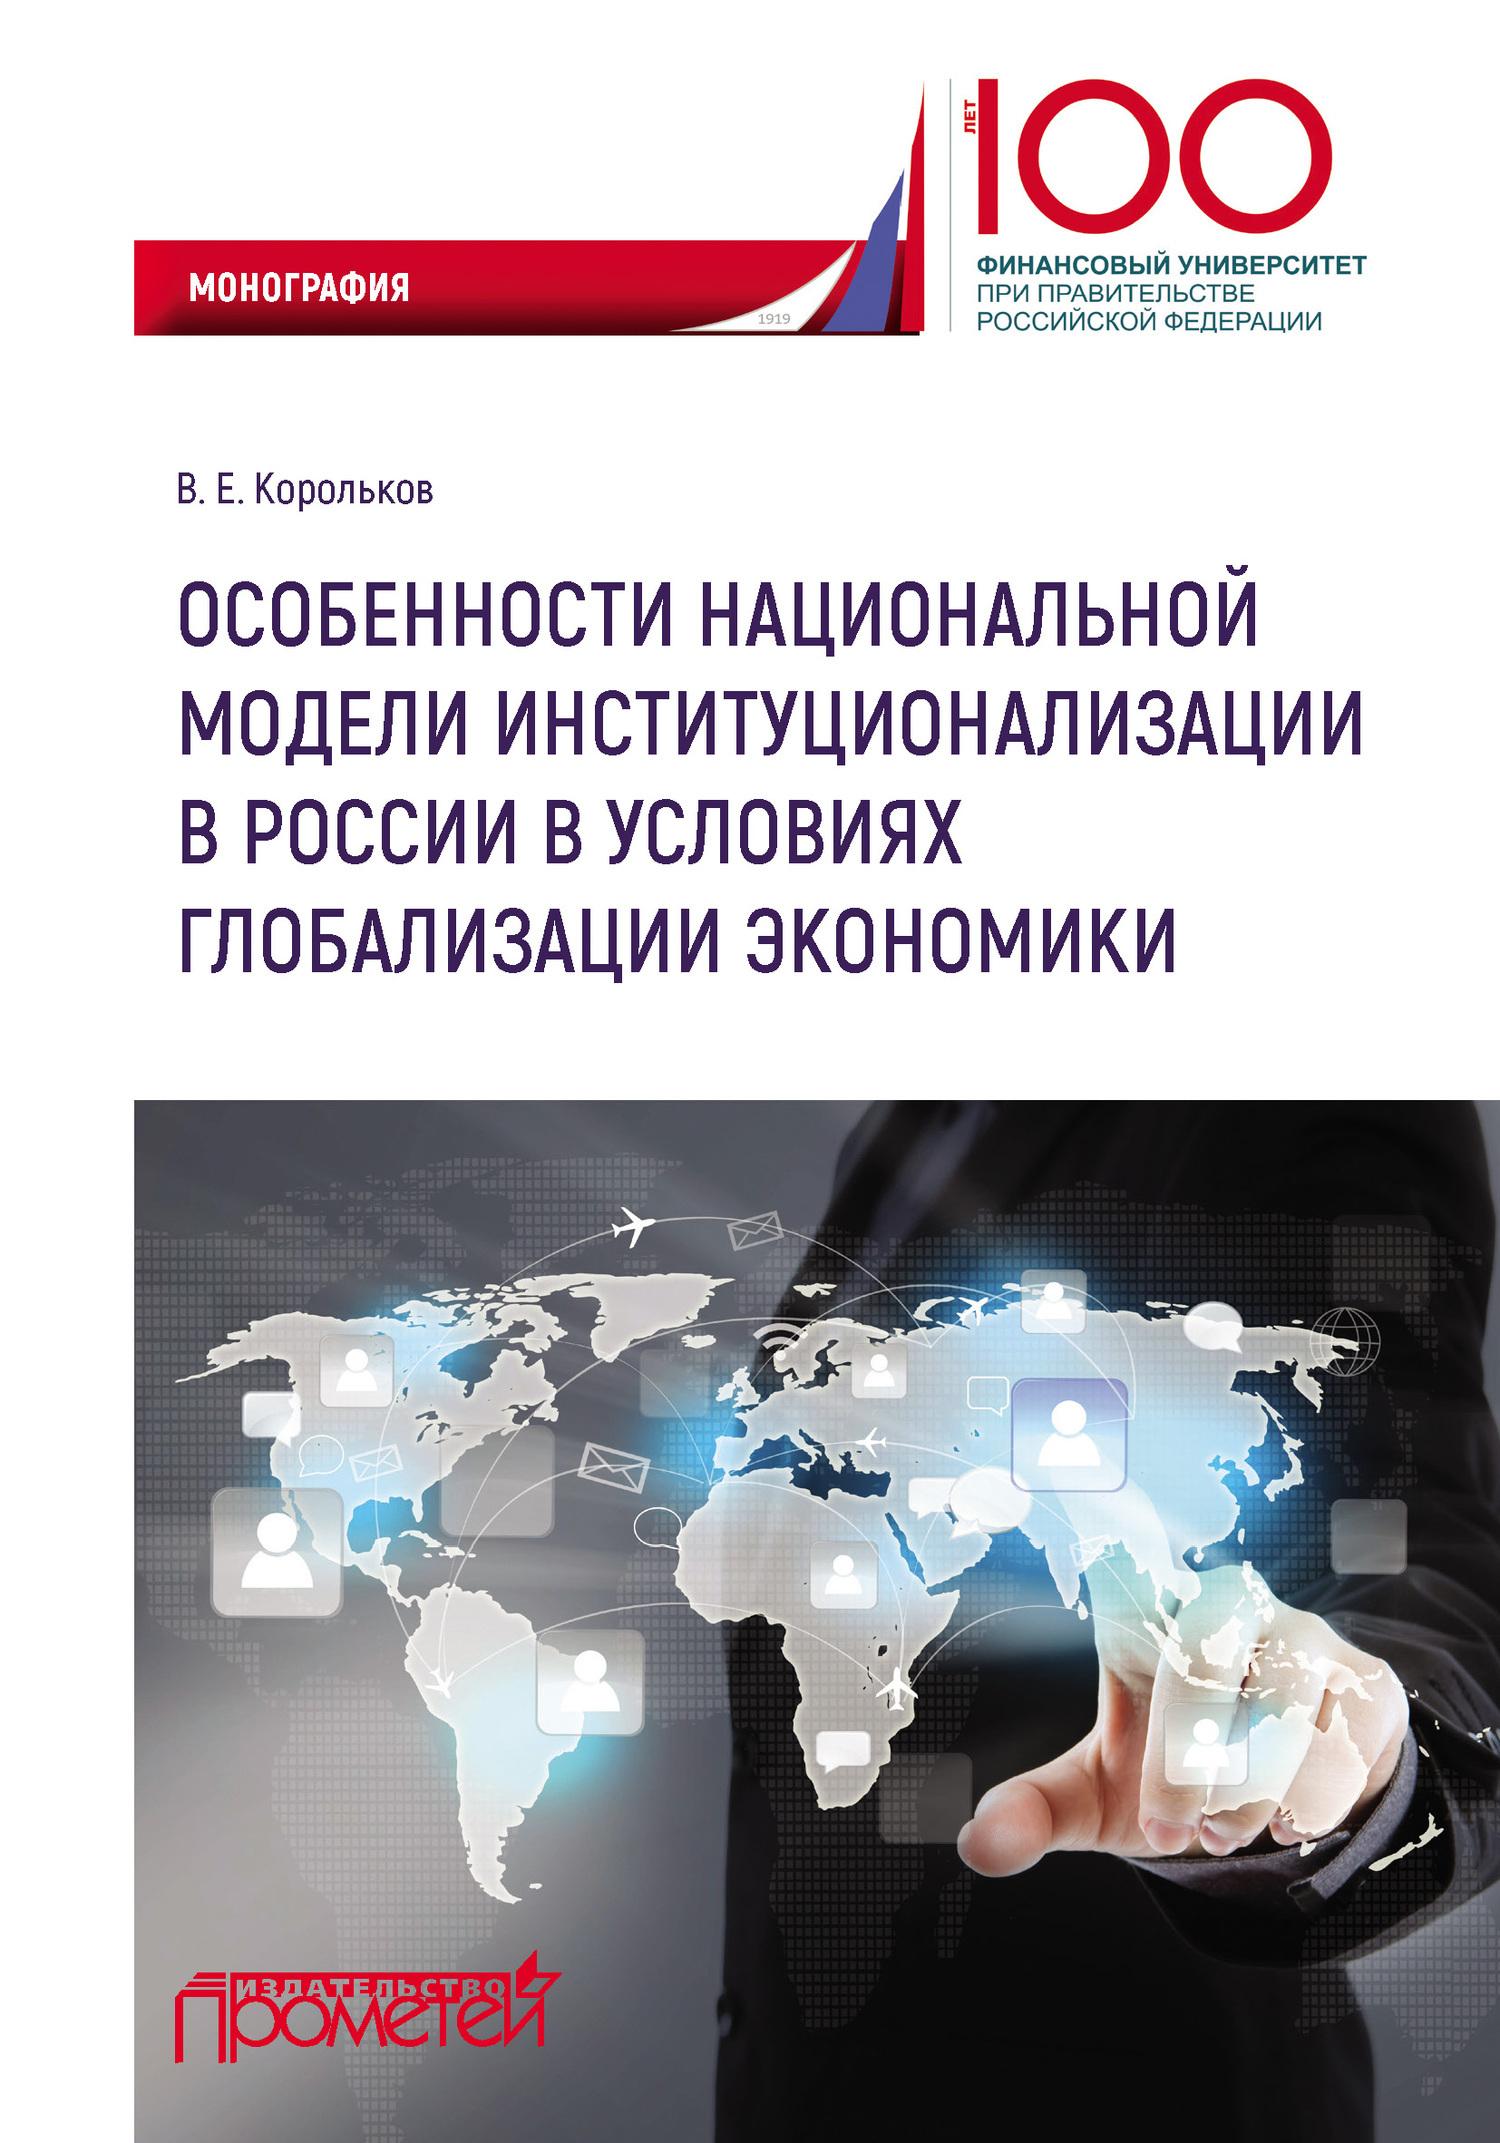 Обложка книги Особенности национальной модели институционализации в России в условиях глобализации экономики